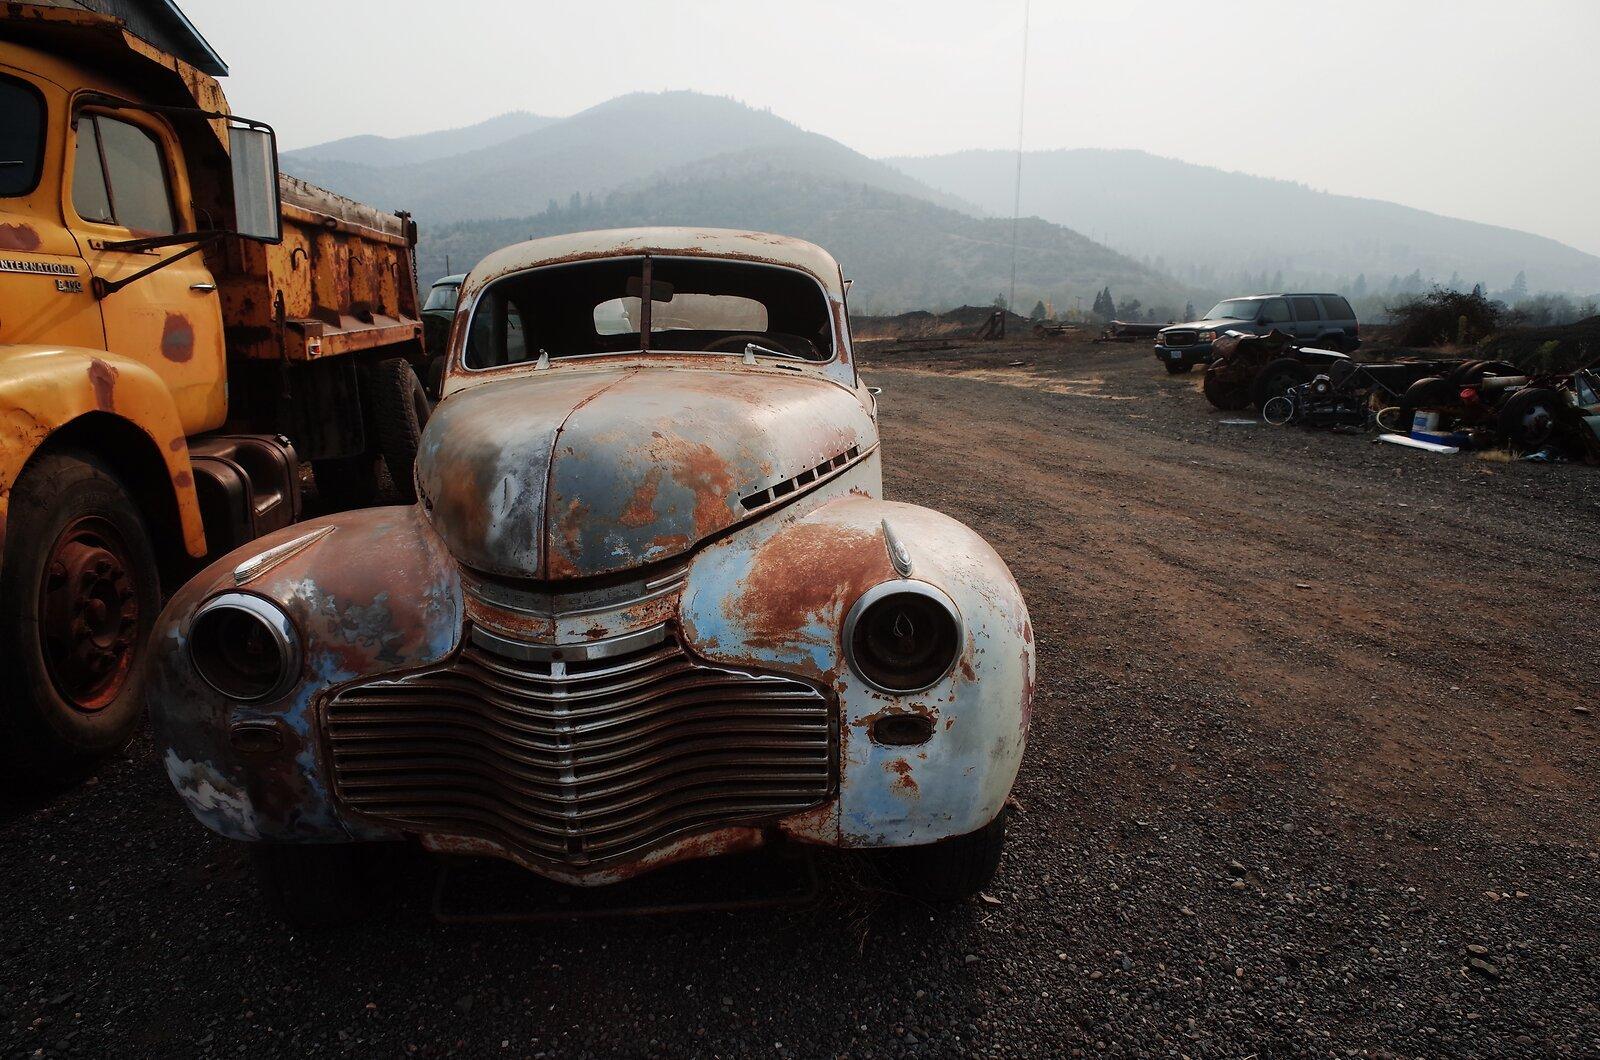 GRII_Sept21_Chevrolet_jalopy#1.jpg